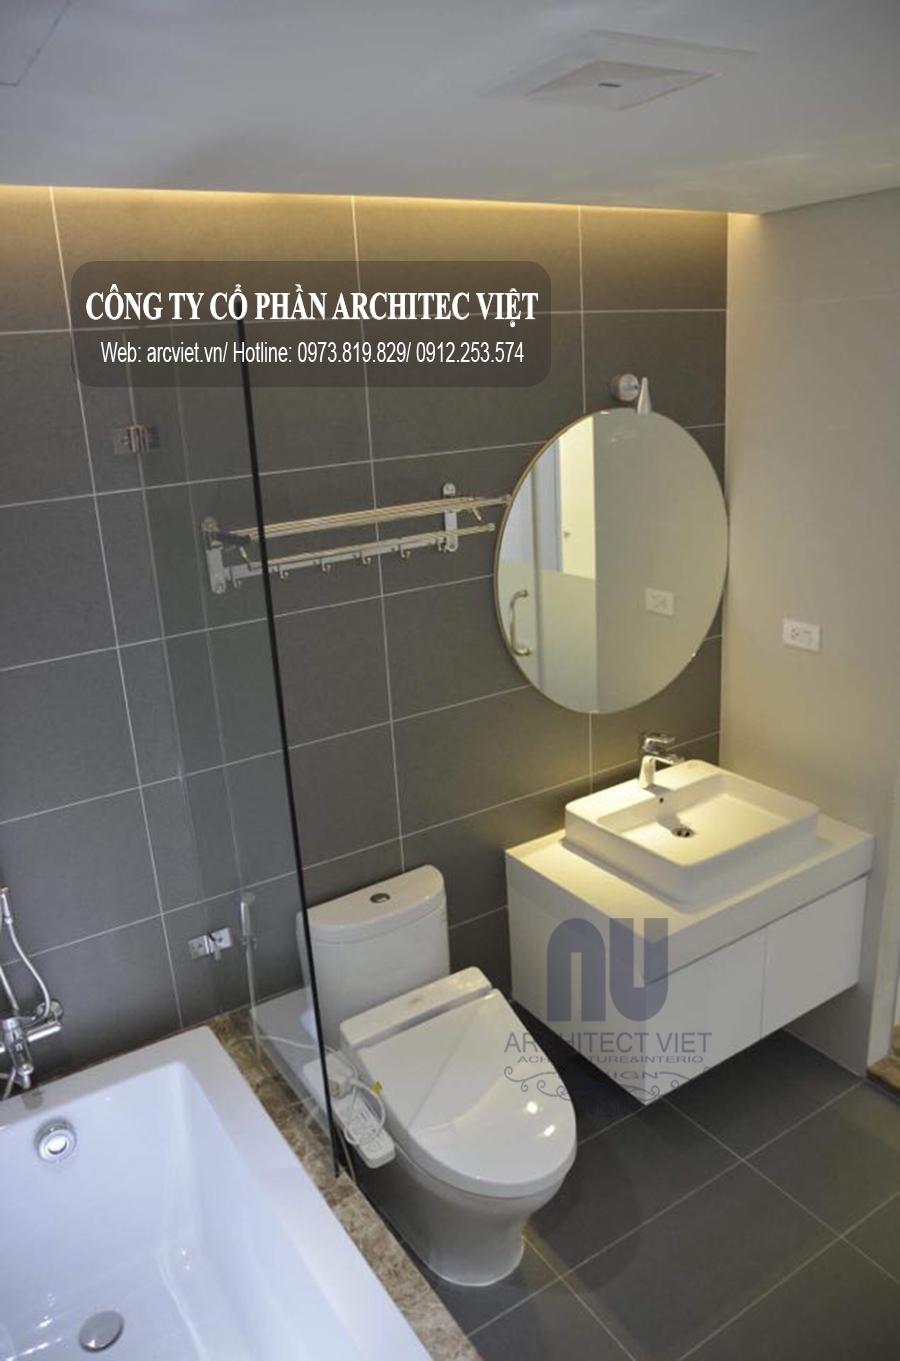 Giới thiệu nội thất căn hộ penthouse 170m2